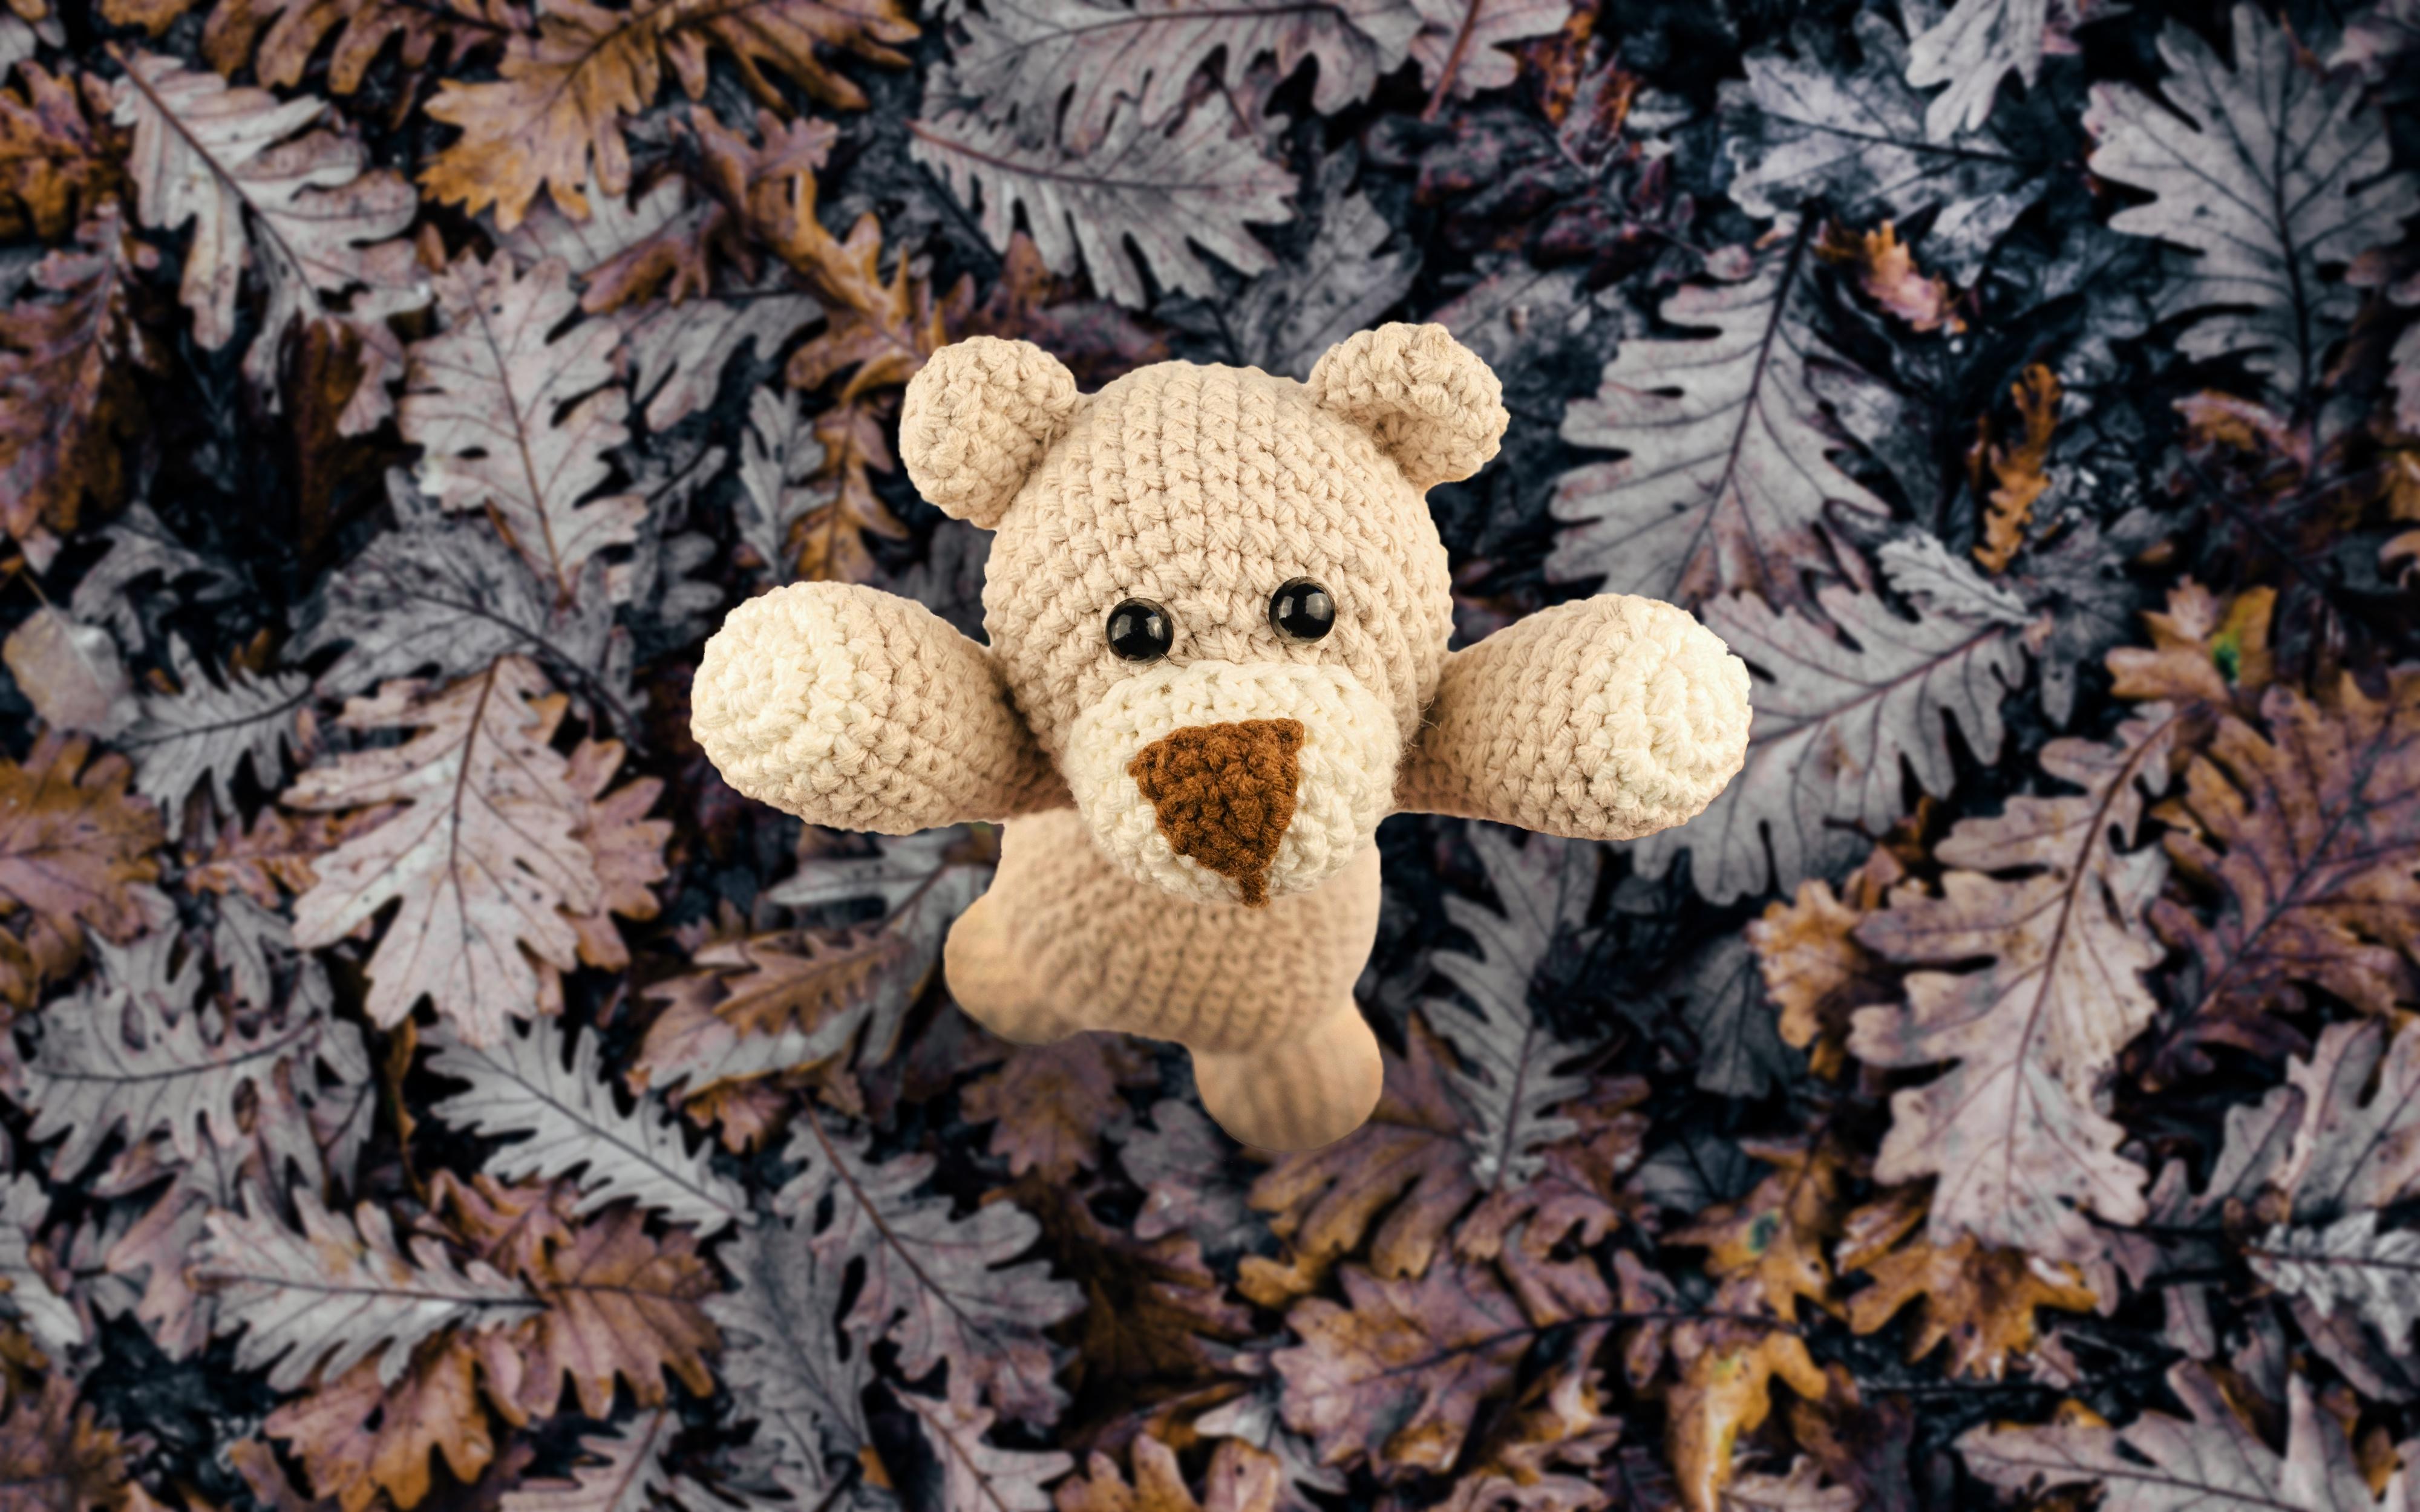 毛绒玩具 玩具熊图片 4K高清壁纸 其他壁纸-第2张